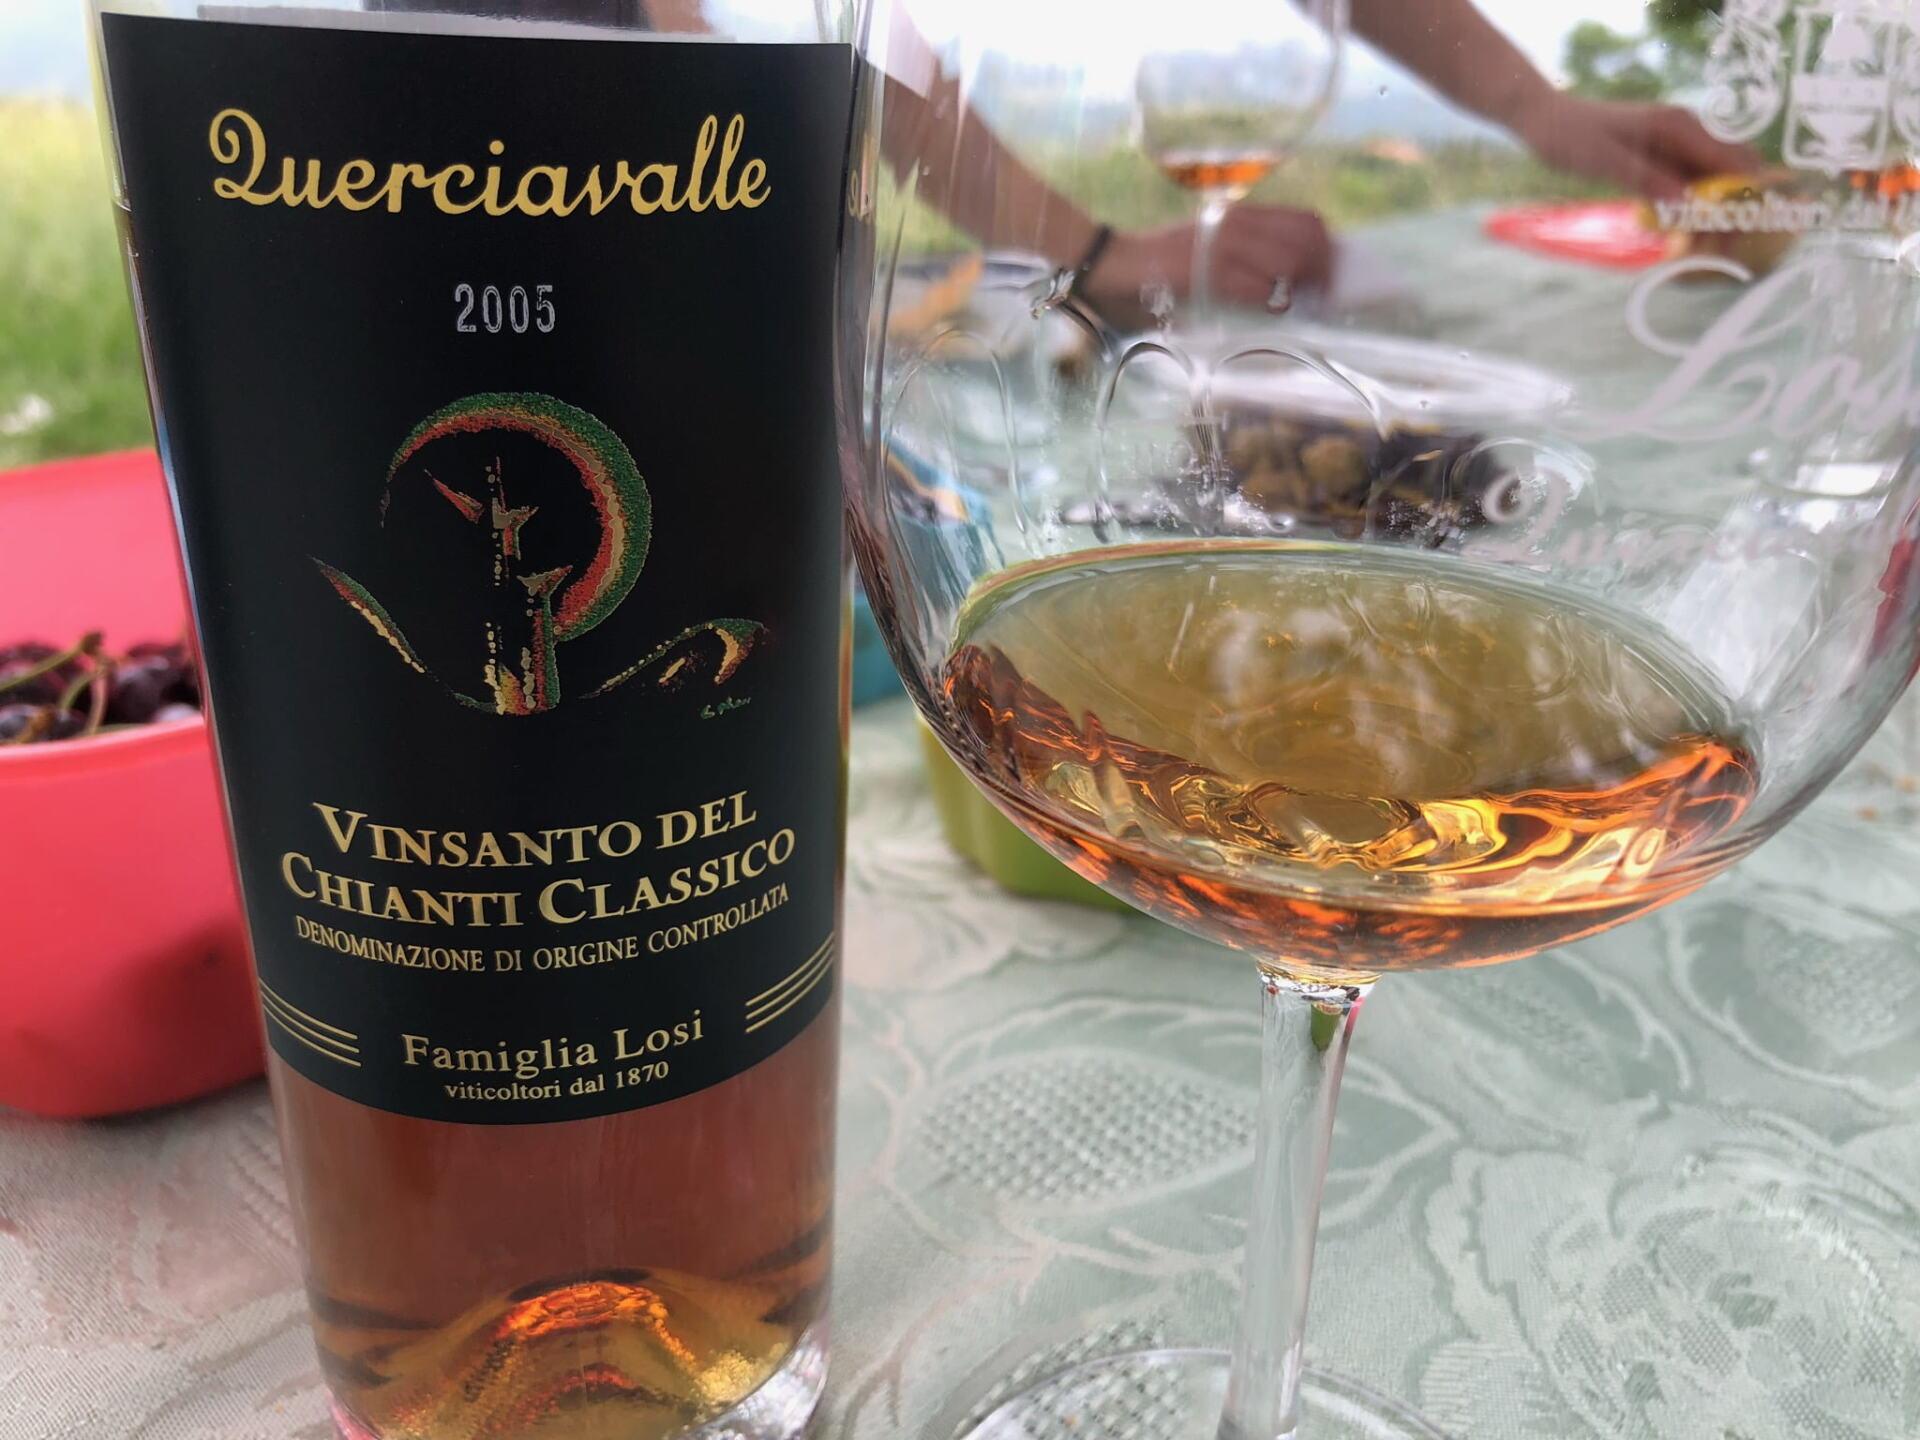 Vin Santo wine